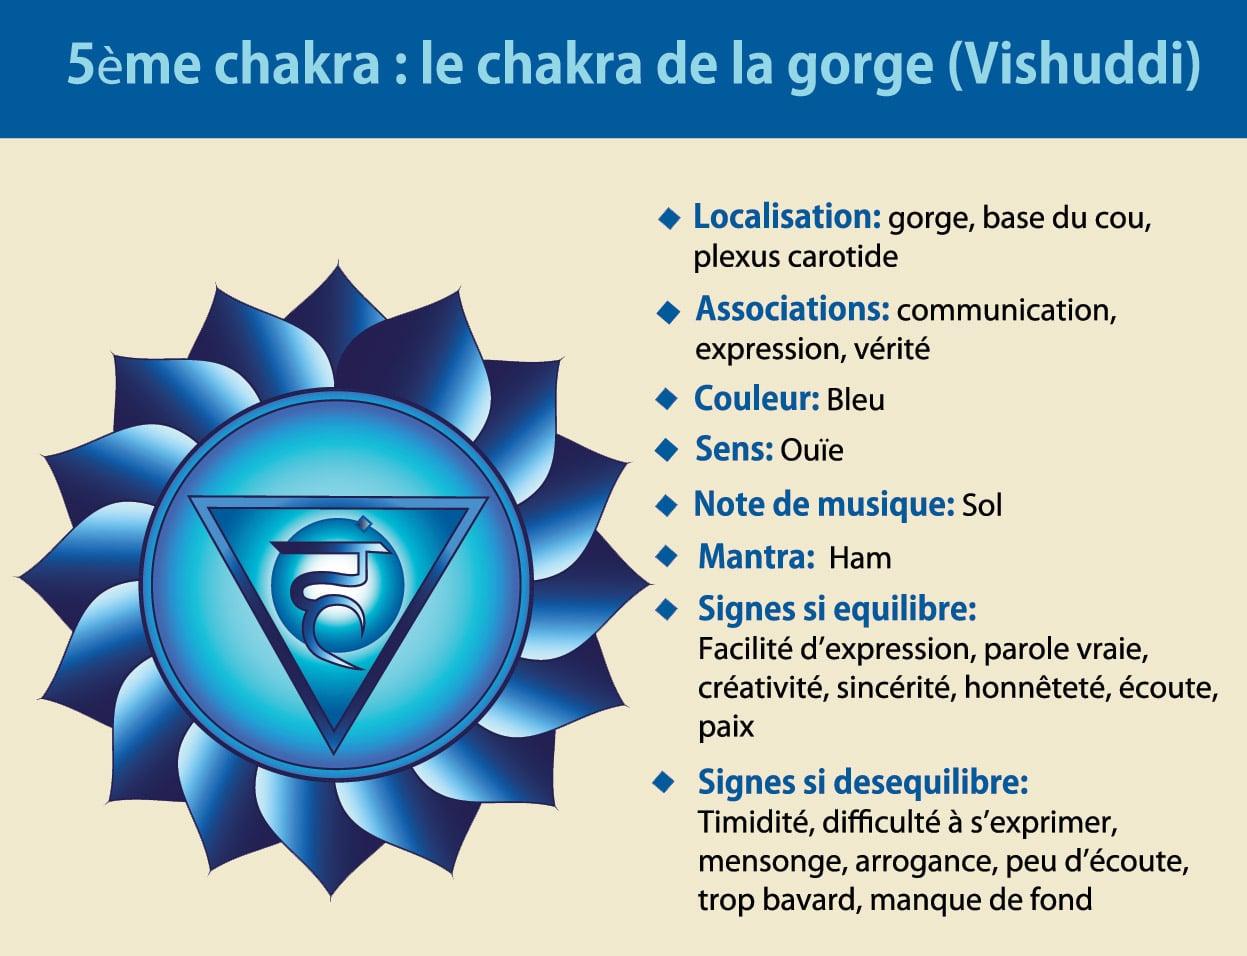 5ème chakra de la gorge Vishuddi